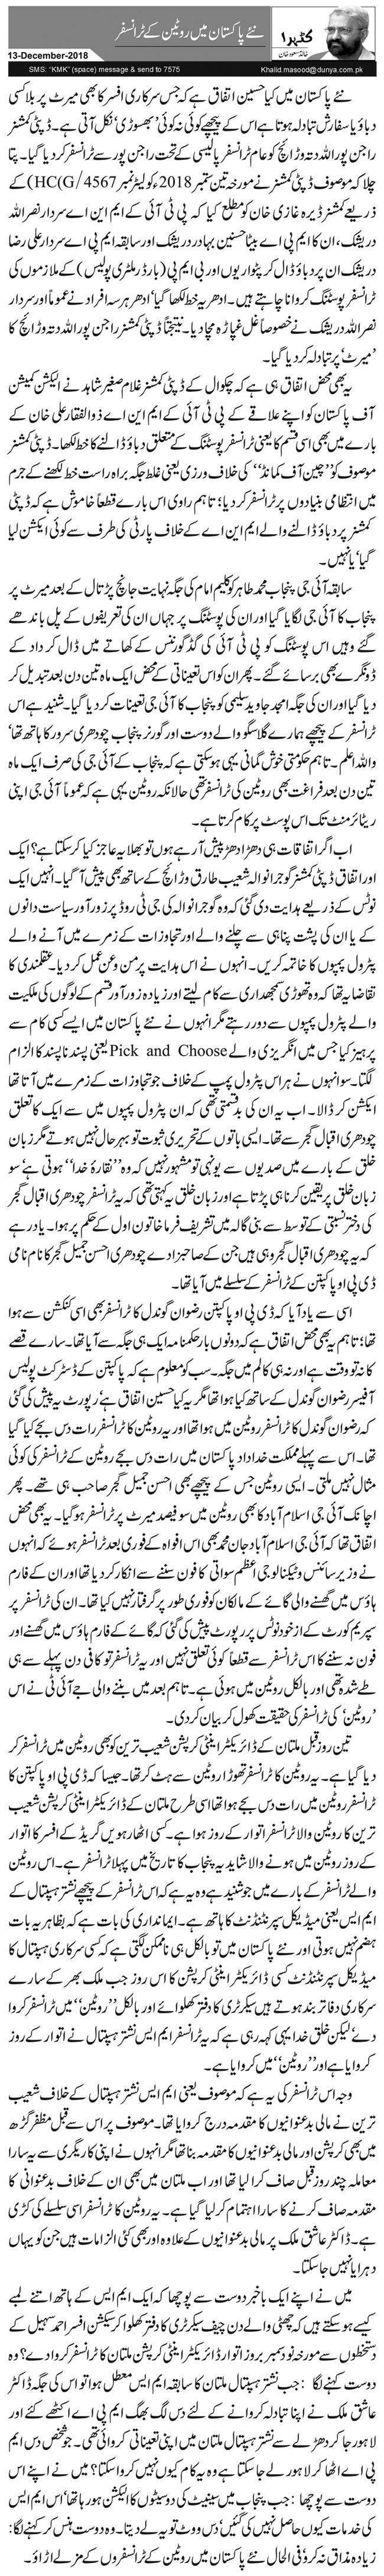 نئے پاکستان میں روٹین کے ٹرانسفر